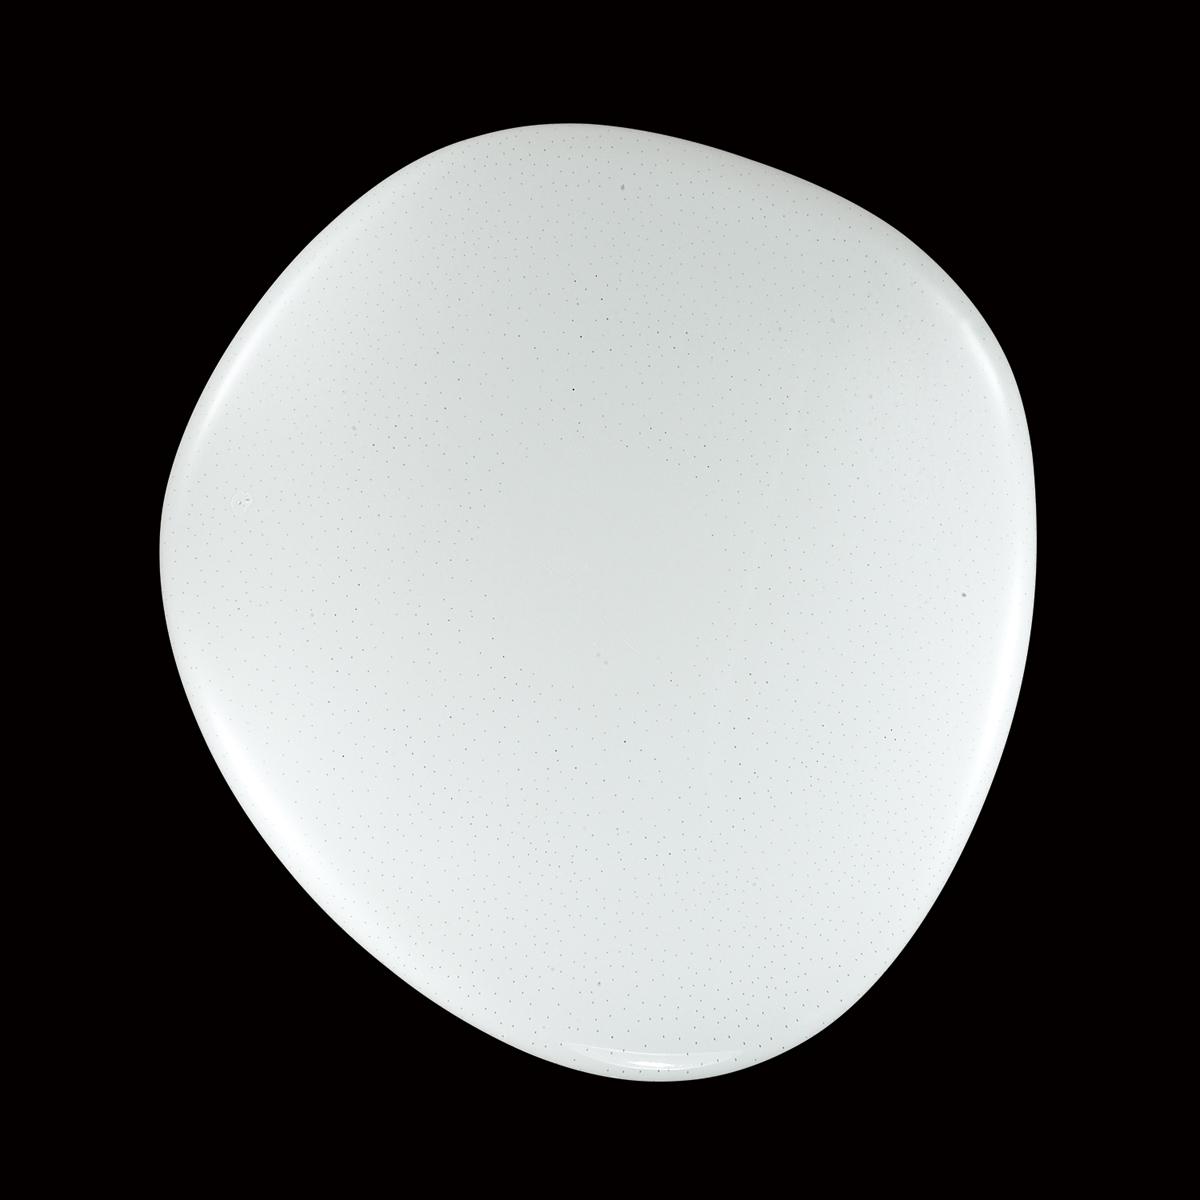 Потолочный светодиодный светильник Sonex Stone 2039/EL, IP43, LED 72W 3000-6000K 5000lm, белый, металл, пластик - фото 4